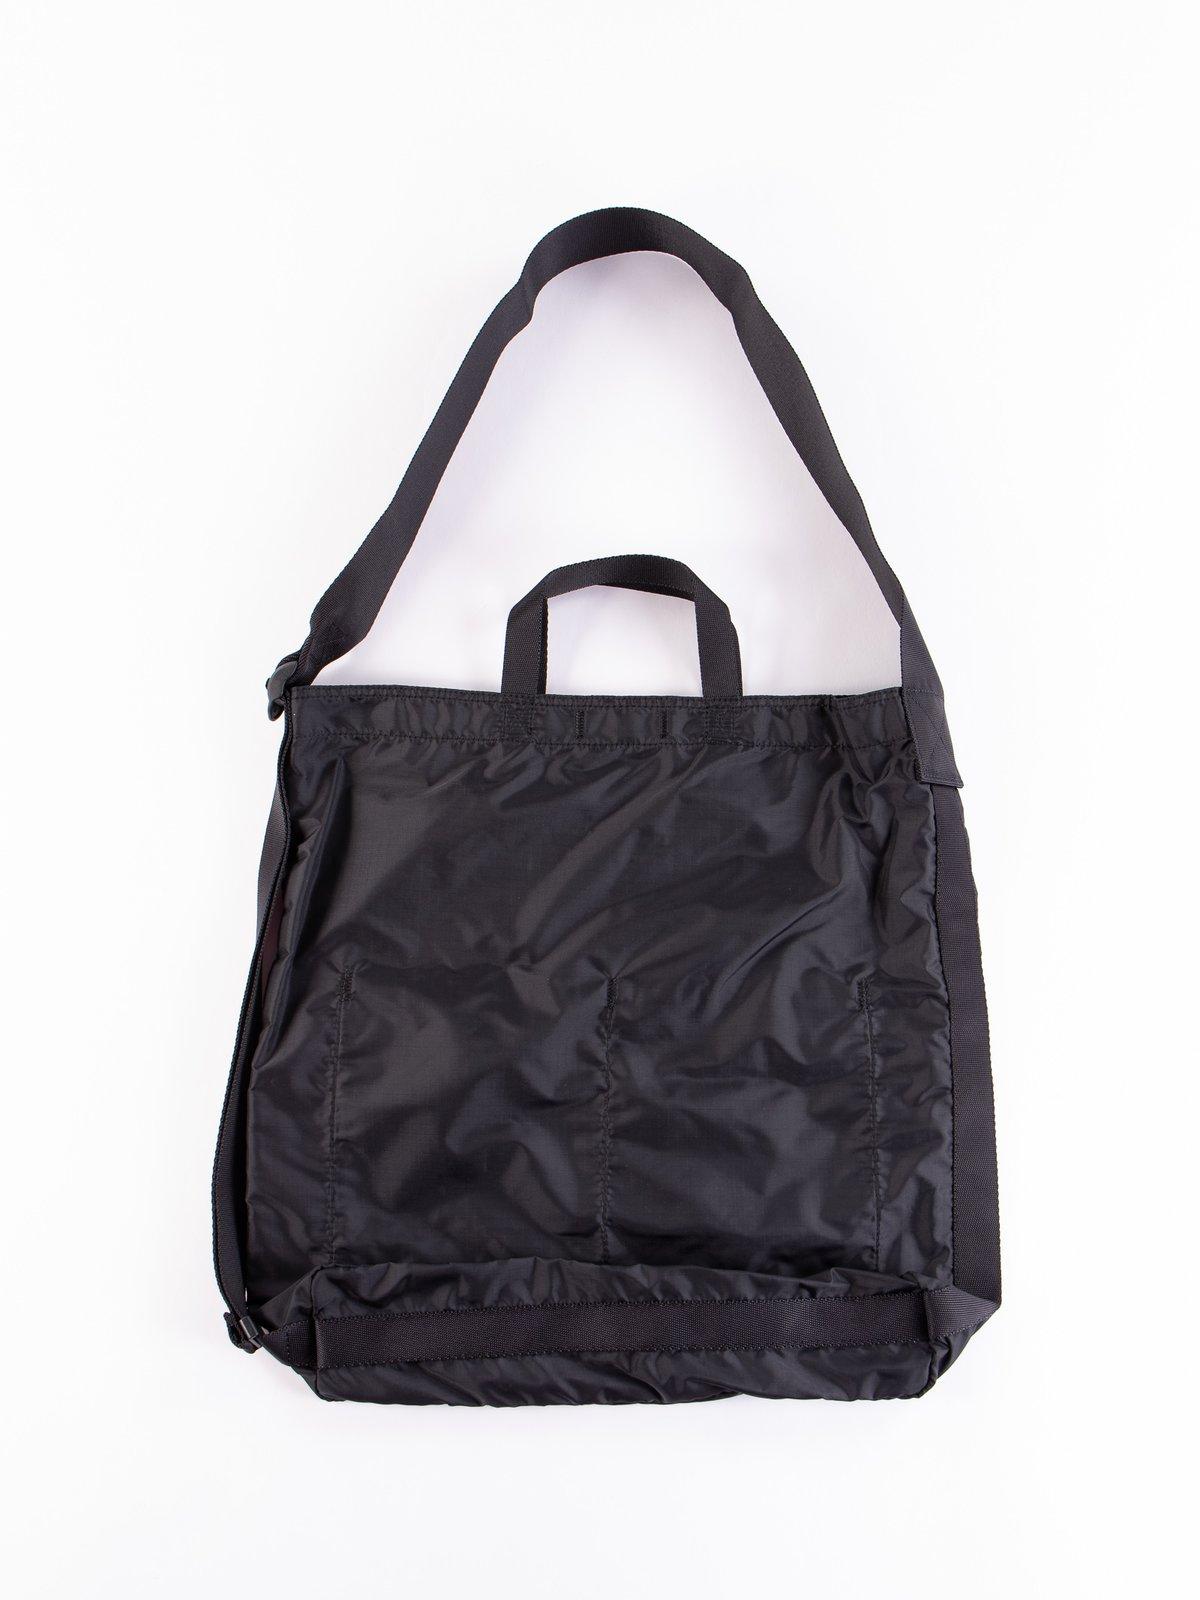 Black Flex 2Way Shoulder Bag - Image 4